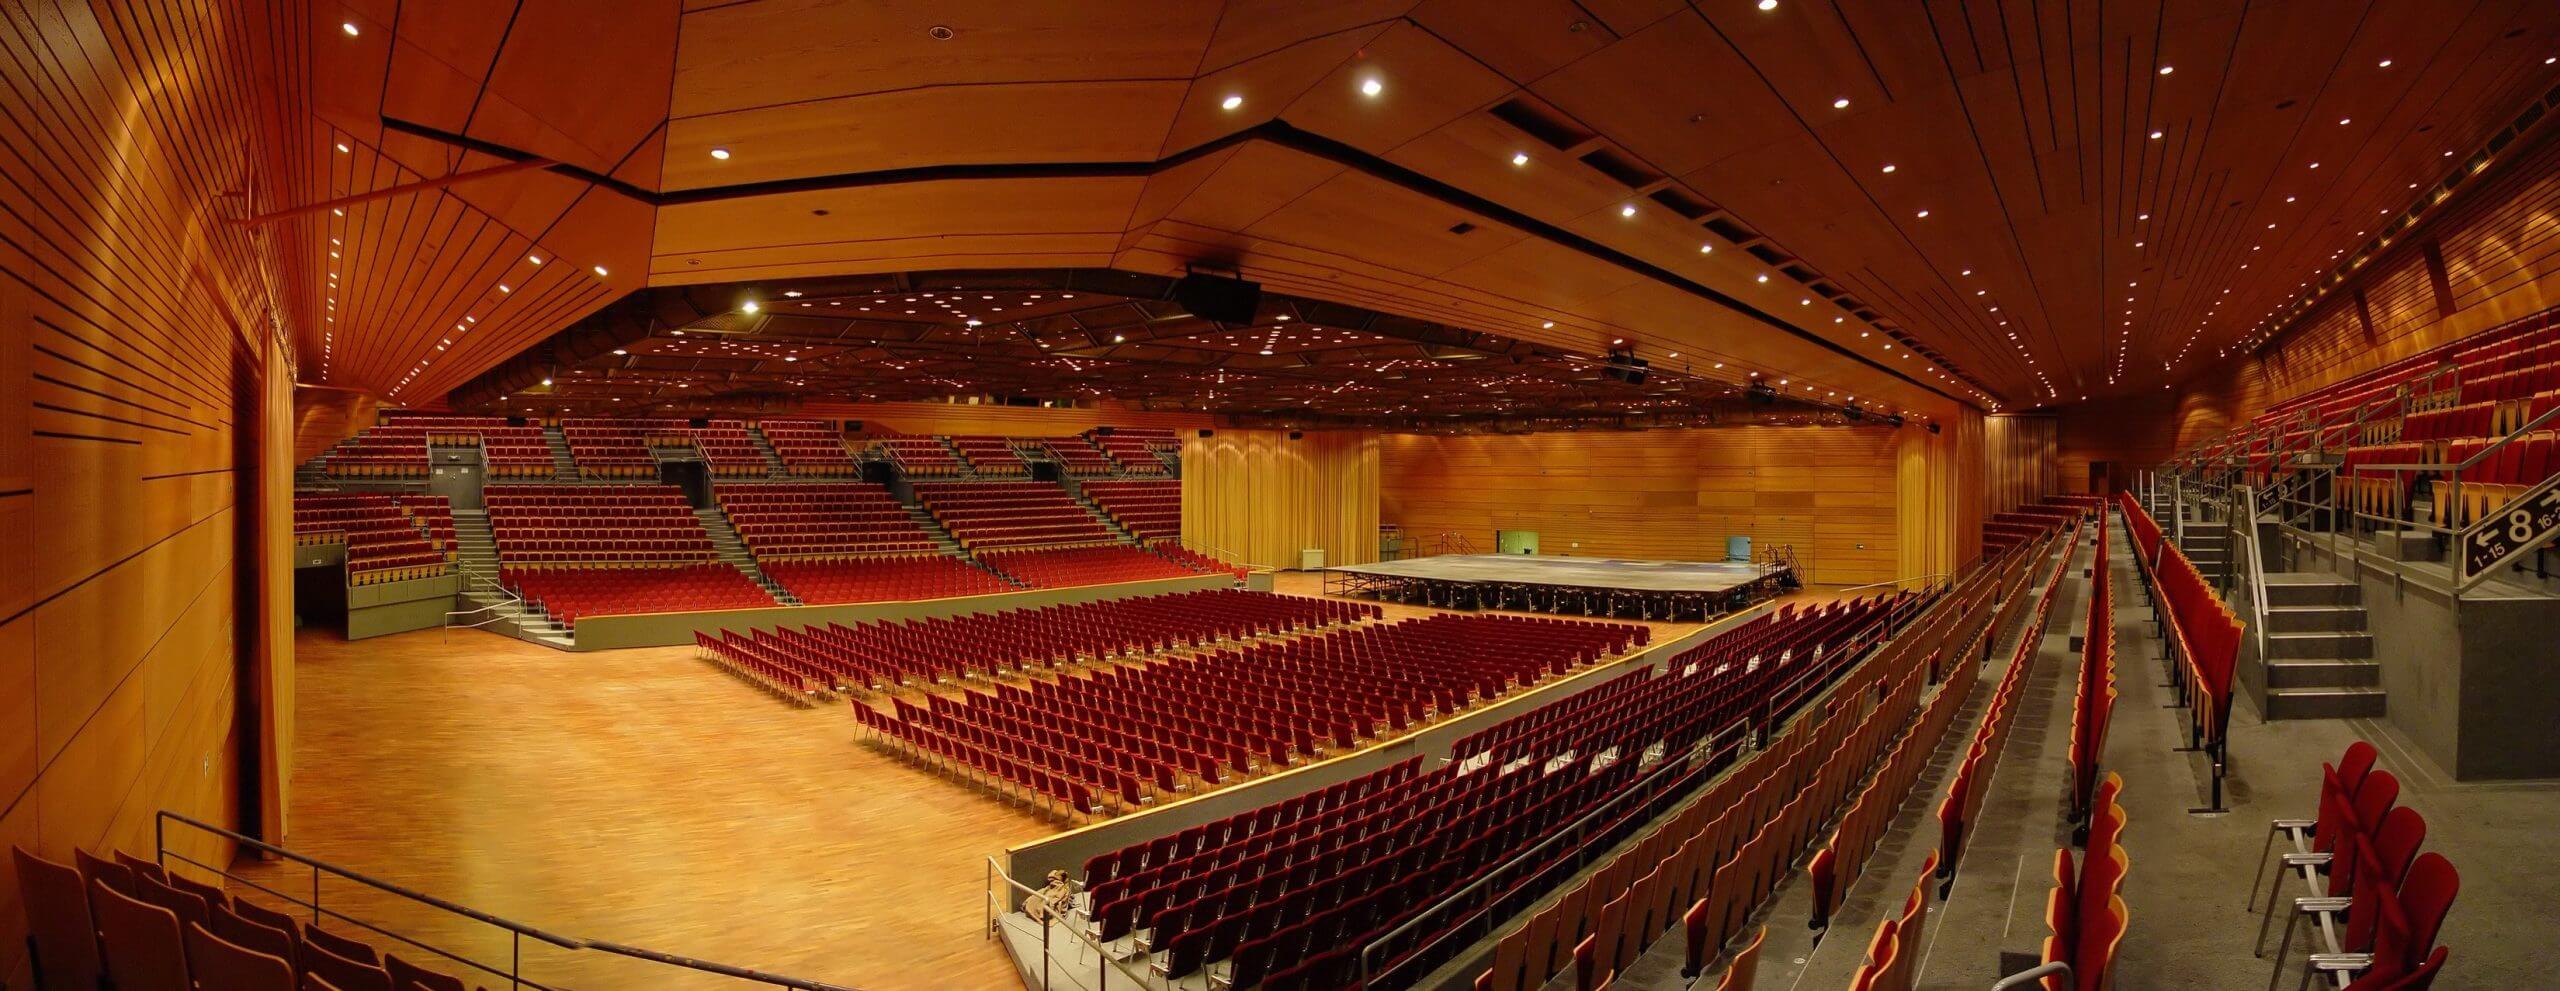 Grosse Halle in der Saarlandhalle in Reihenbestuhlung mit Blick vom Block B